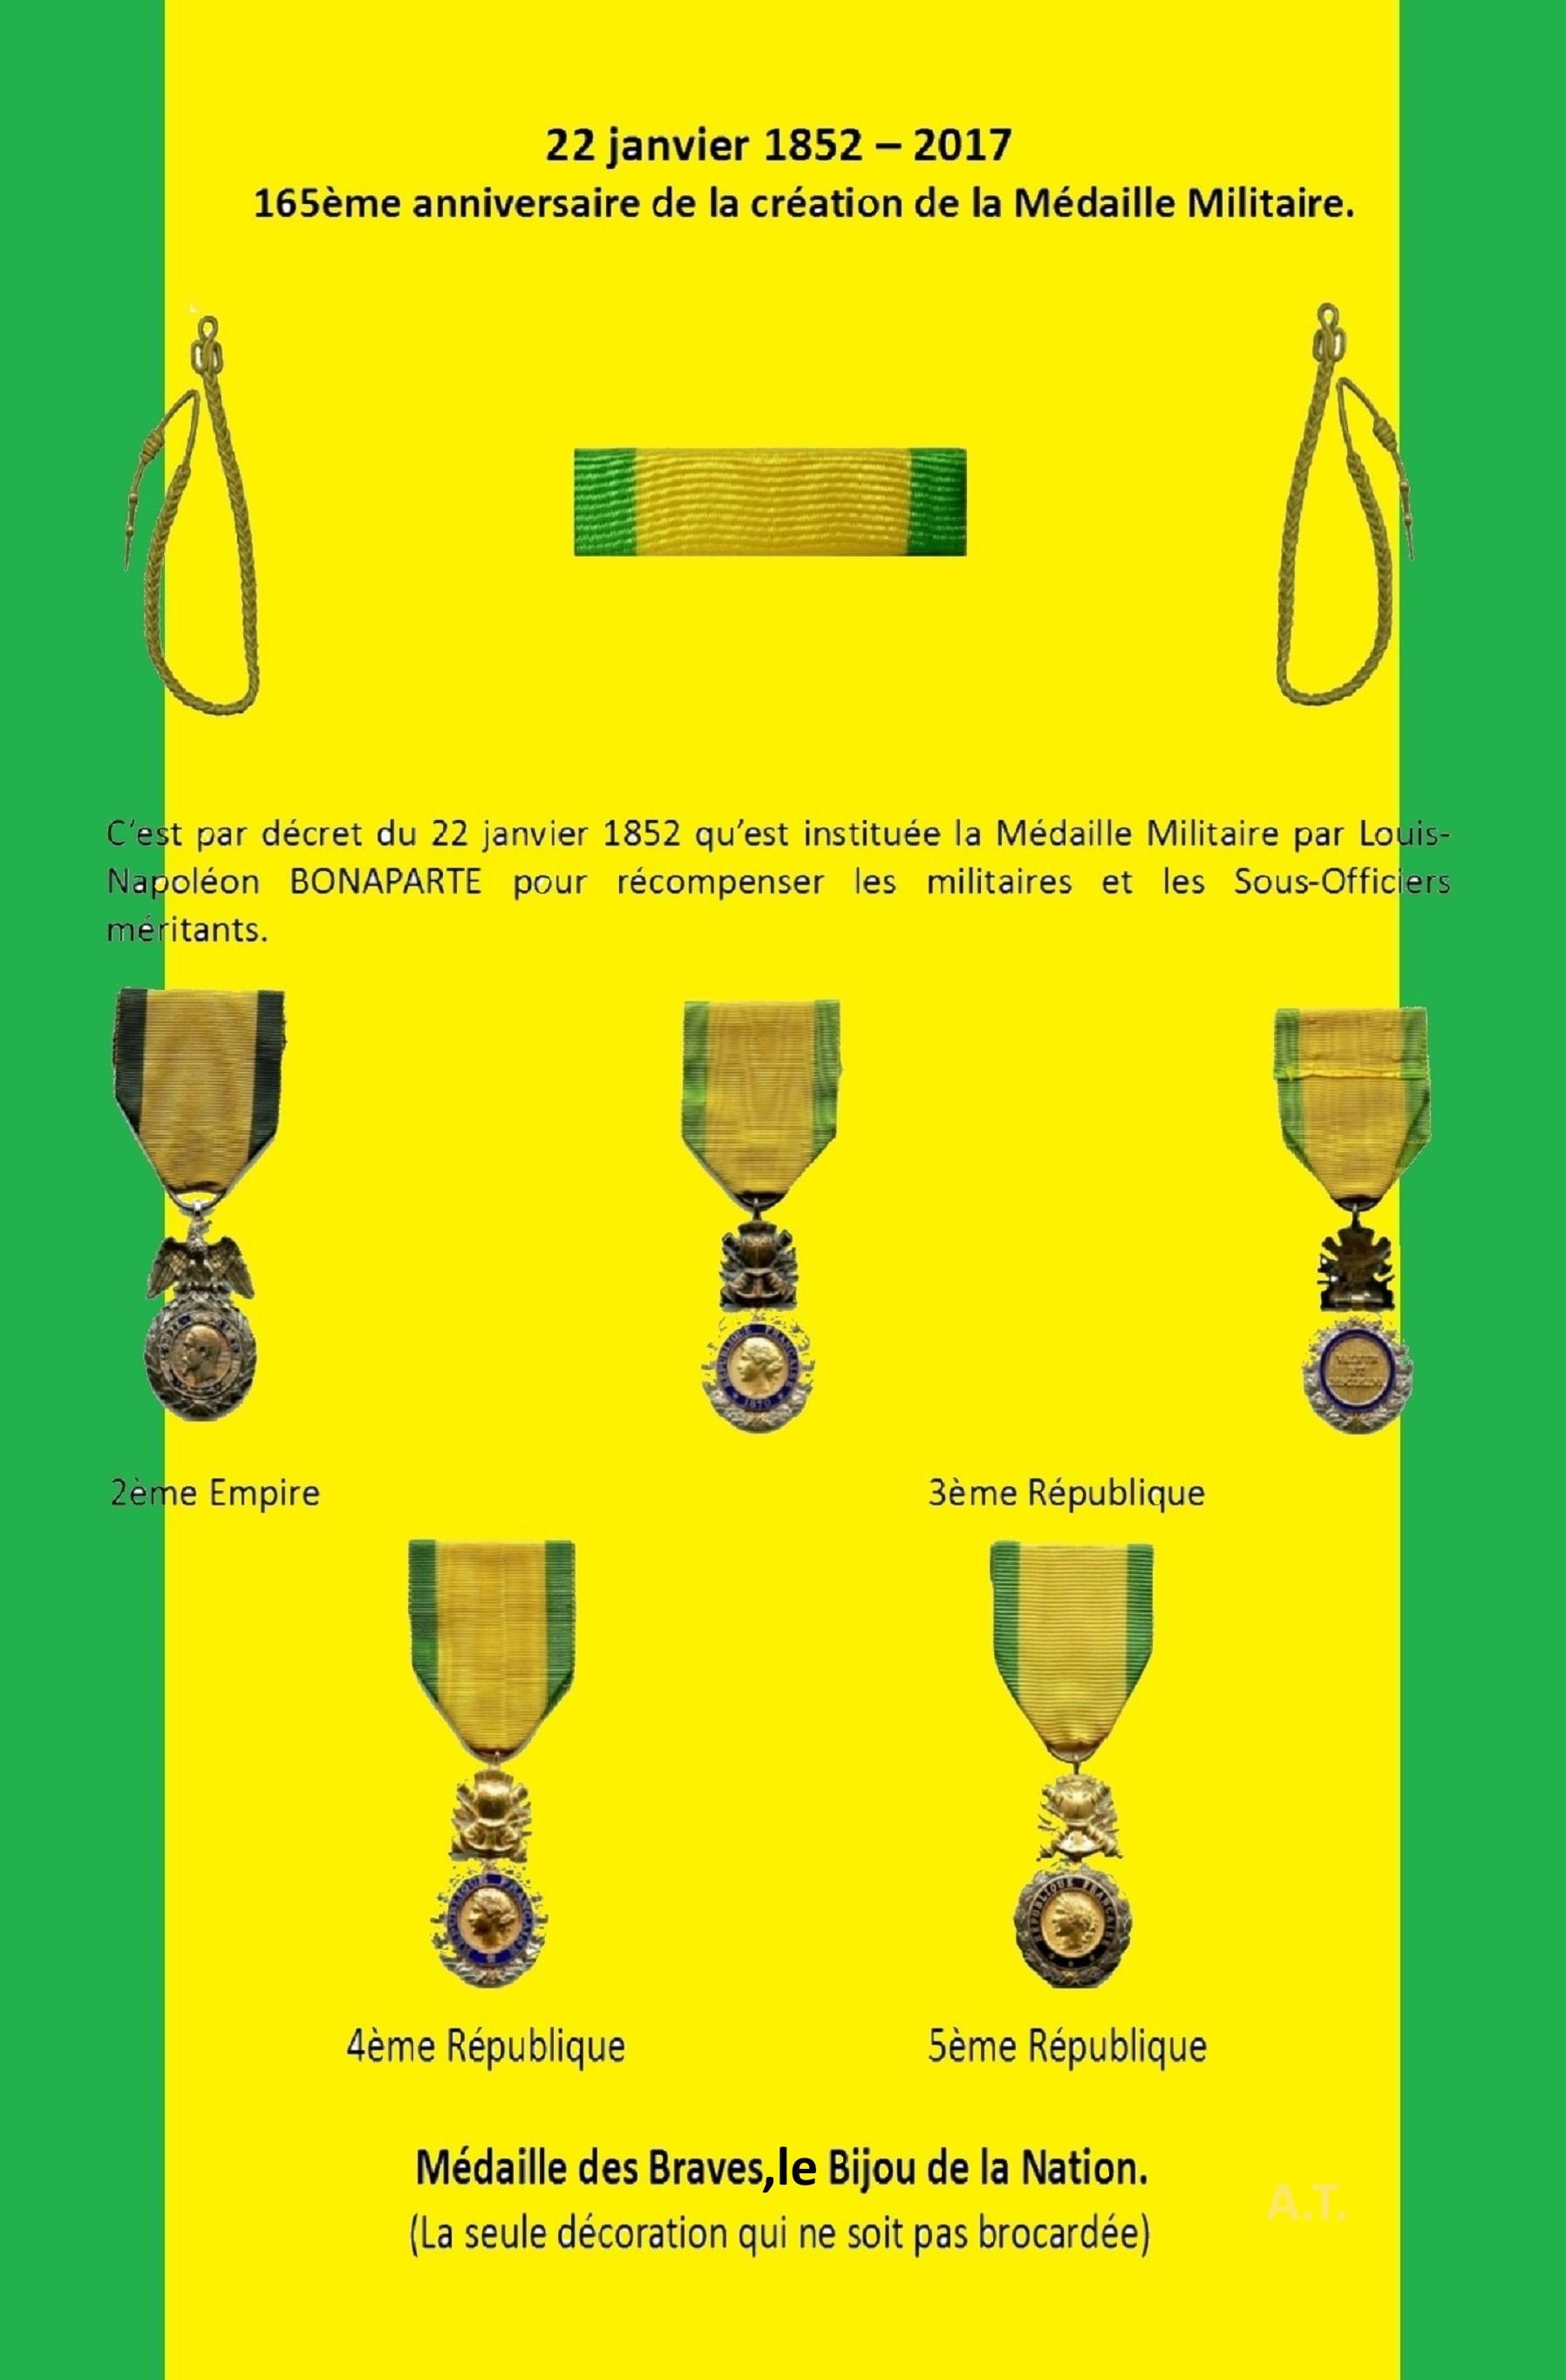 La Médaille Militaire - Page 2 889775creationdelamedaillemilitaire22janv1852